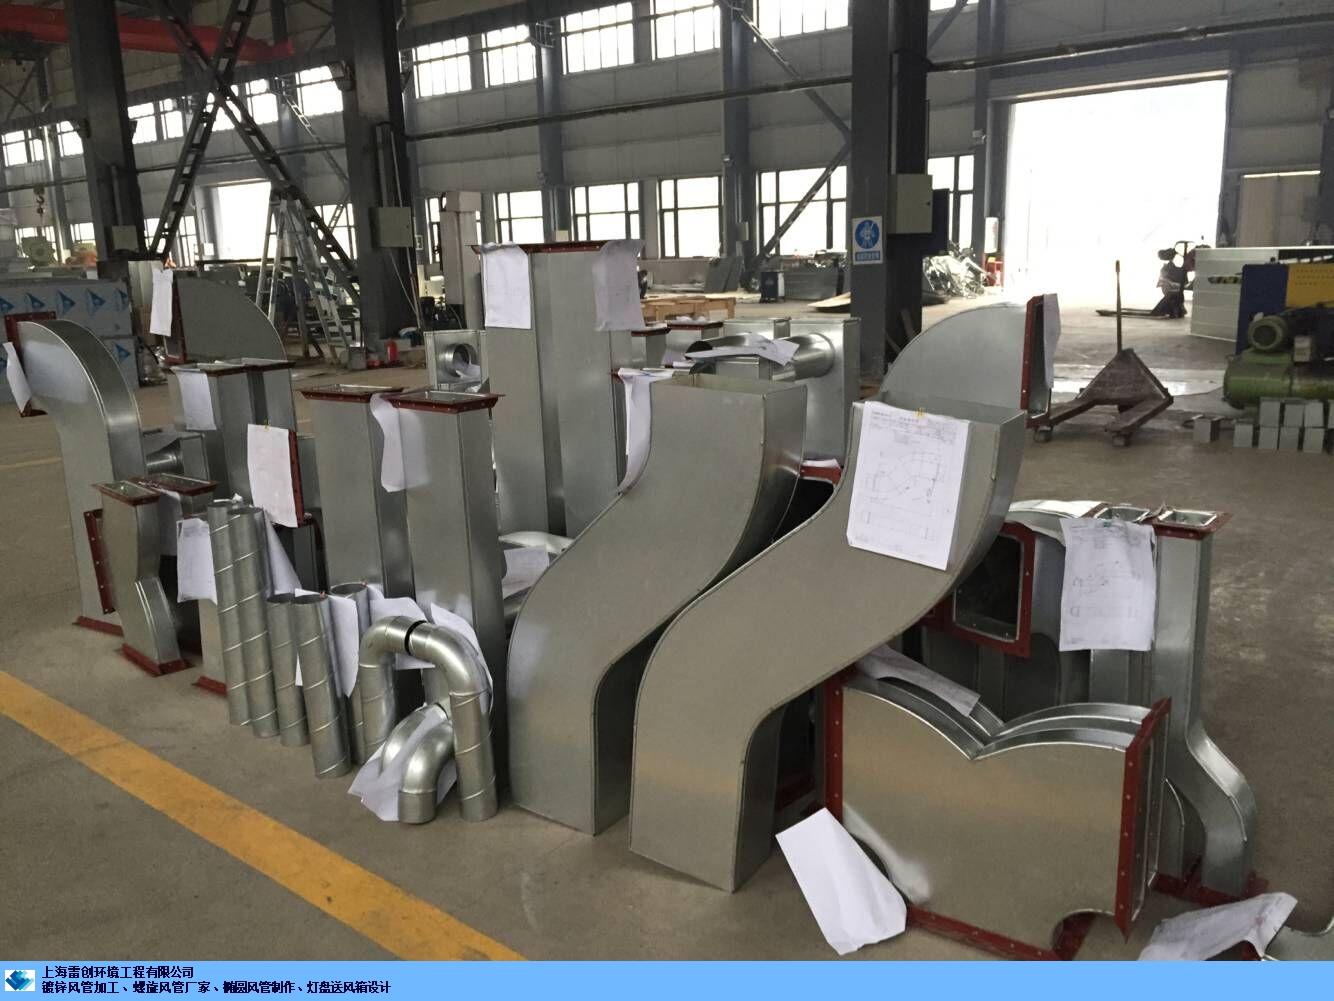 工业园区优良1.5厚镀锌风管,1.5厚镀锌风管